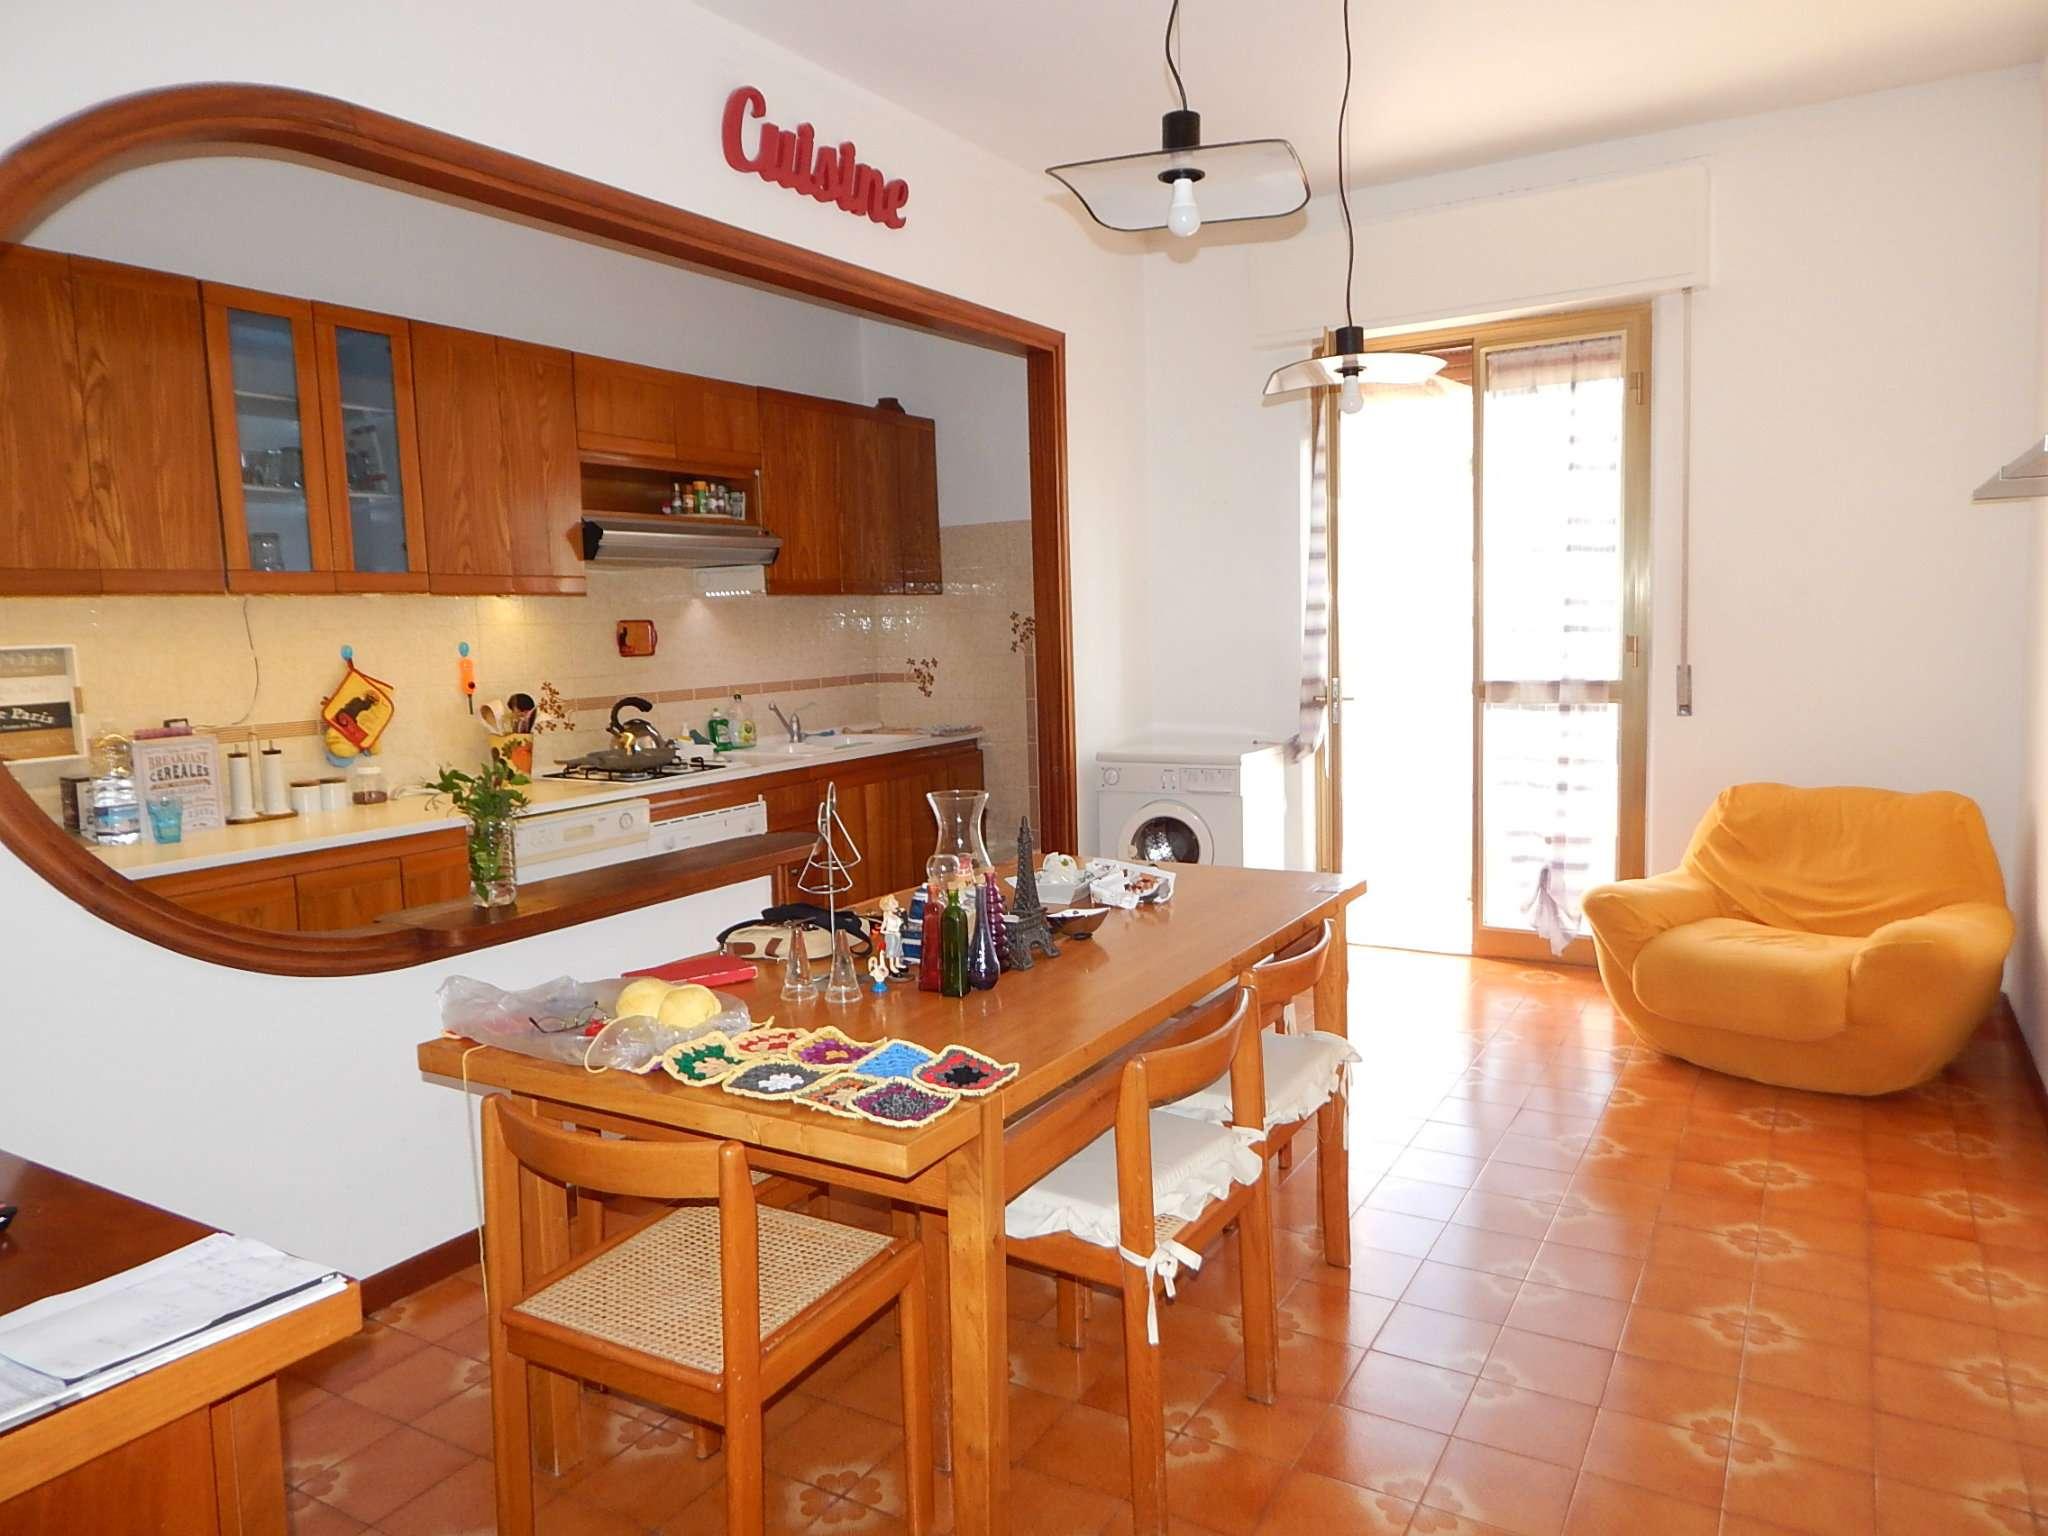 Appartamento quadrilocale in affitto a Pisa (PI)